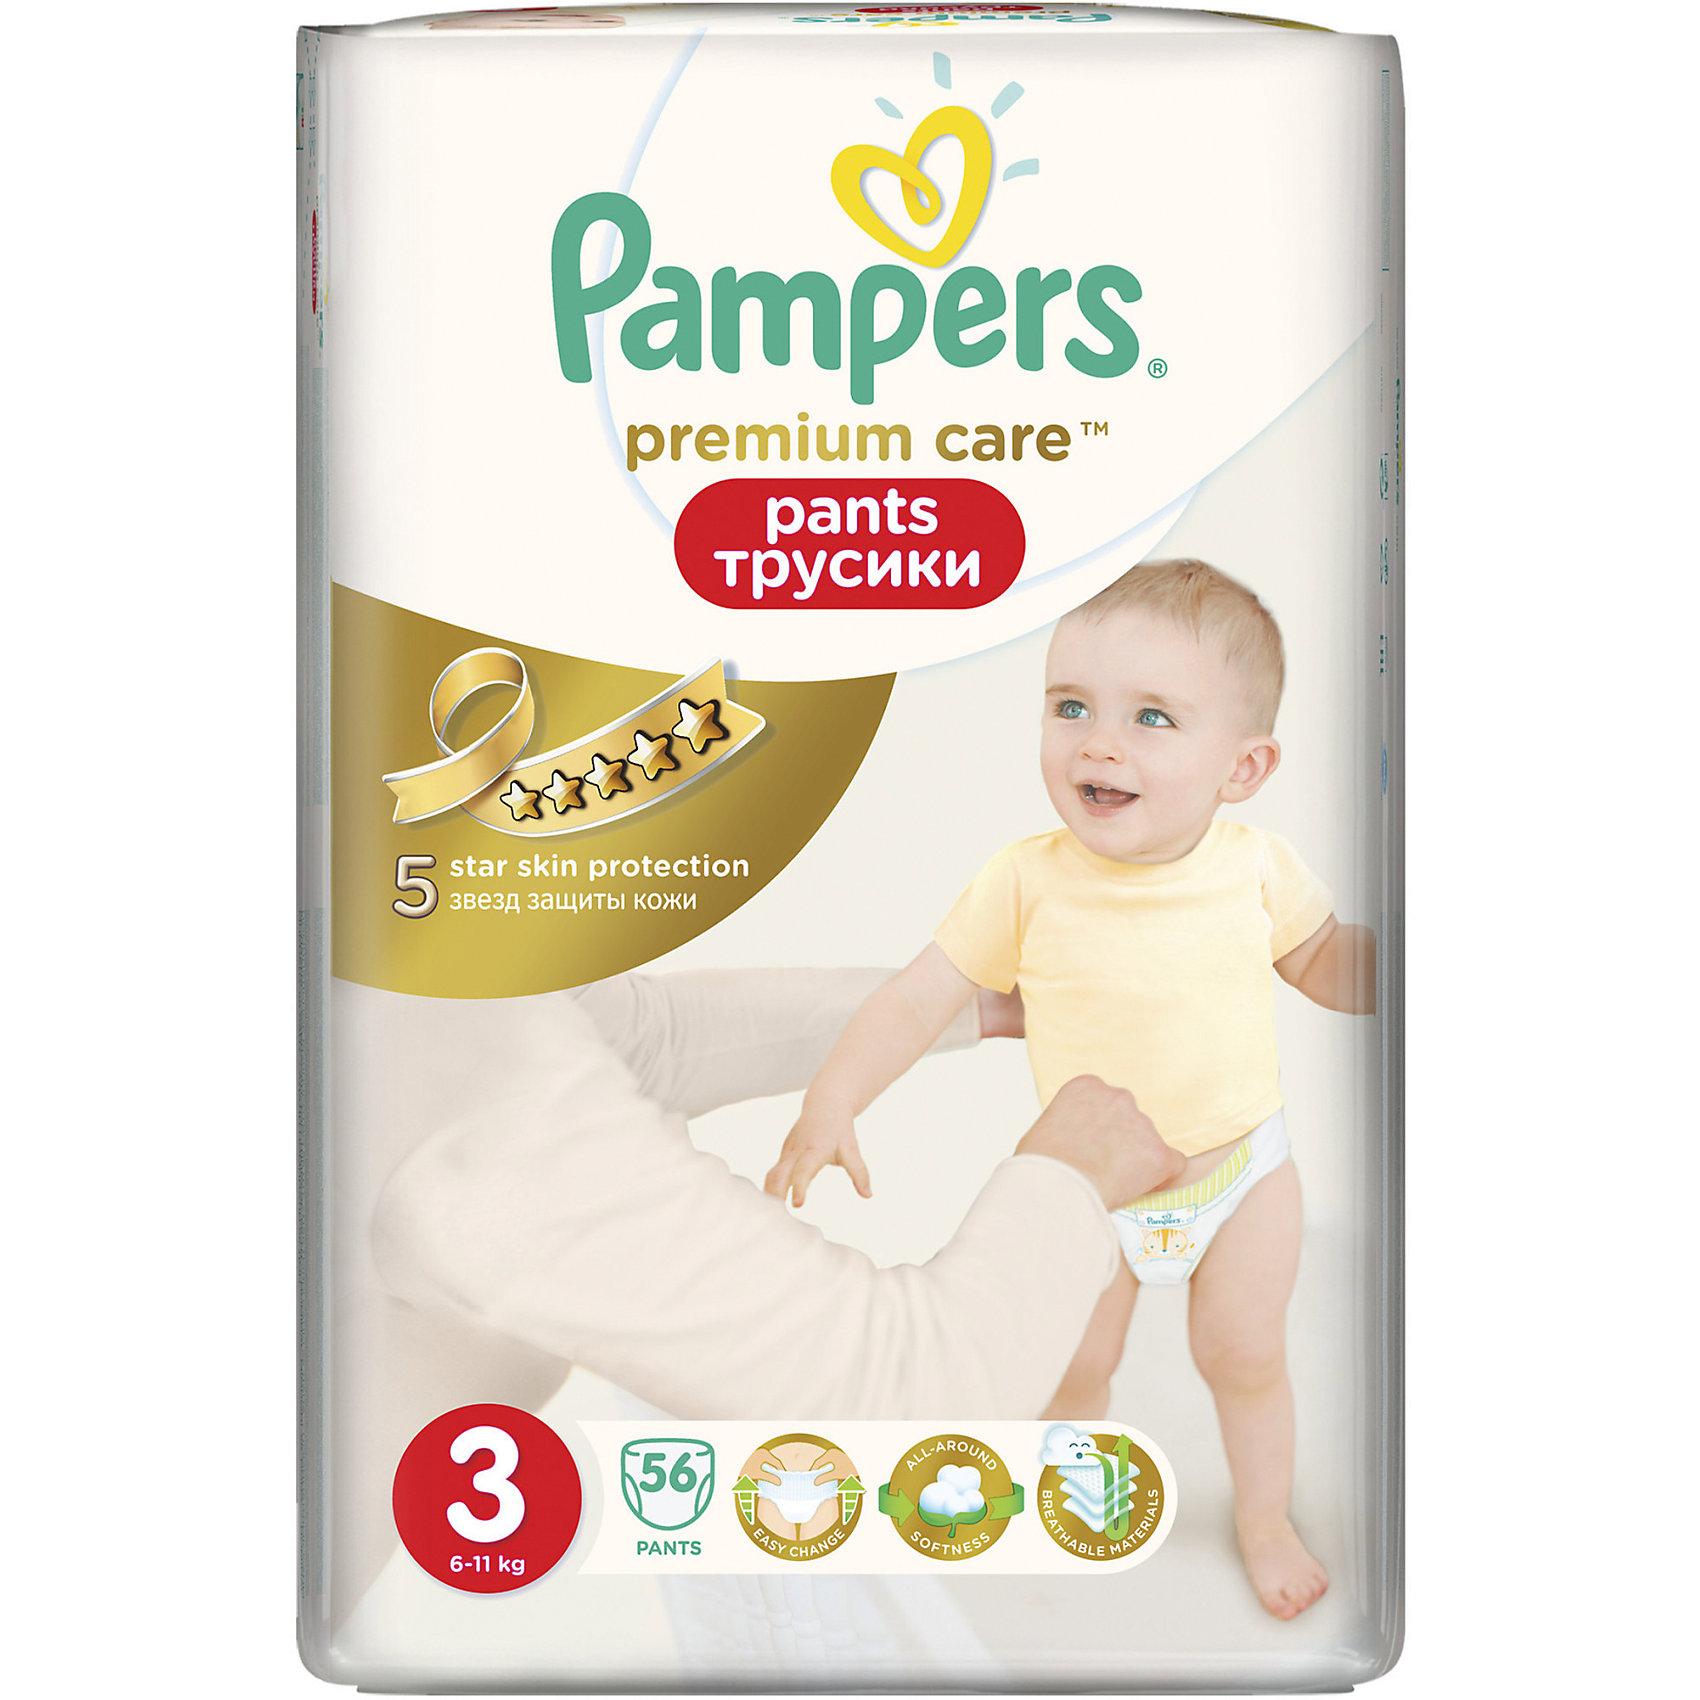 Трусики Pampers Premium Care Pants, 6-11кг, размер 3, 56 шт., PampersТрусики-подгузники<br>Характеристики:<br><br>• Вид подгузника: трусики<br>• Пол: универсальный<br>• Тип подгузника: одноразовый<br>• Коллекция: Premium Care<br>• Предназначение: для использования в любое время суток <br>• Размер: 3<br>• Вес ребенка: от 6 до 11 кг<br>• Количество в упаковке: 56 шт.<br>• Упаковка: пакет<br>• Размер упаковки: 26,5*14,3*42 см<br>• Вес в упаковке: 1 кг 495 г<br>• Наружные боковые швы<br>• Подходят для чувствительной кожи<br>• Индикатор влаги<br>• Дышащие материалы<br>• Повышенные впитывающие свойства<br><br>Трусики Pampers Premium Care Pants, 6-11 кг, размер 3, 56 шт., Pampers – это новейшая линейка детских подгузников от Pampers, которая сочетает в себе высокое качество и безопасность материалов, удобство использования и комфорт для нежной кожи малыша. Подгузники выполнены в виде трусиков и предназначены для детей весом до 11 кг. Инновационные технологии и современные материалы обеспечивают этим подгузникам Дышащие свойства, что особенно важно для кожи малыша. <br><br>Три впитывающих слоя обеспечивают повышенные впитывающие качества, при этом верхний слой остается сухим и мягким. У трусиков предусмотрена эластичная мягкая резиночка на спинке и манжеты на ножках, что защищает от протекания. У изделия имеется индикатор сухости-влажности: полоска, которая по мере наполнения меняет цвет. Боковые наружные швы не натирают нежную кожу малыша, легко разрываются при смене трусиков. Сзади имеется клейкая лента, которая позволяет зафиксировать свернутые после использования трусики. Трусики подходит как для мальчиков, так и для девочек. <br><br>Трусики Pampers Premium Care Pants, 6-11 кг, размер 3, 56 шт., Pampers можно купить в нашем интернет-магазине.<br><br>Ширина мм: 265<br>Глубина мм: 143<br>Высота мм: 420<br>Вес г: 1495<br>Возраст от месяцев: 3<br>Возраст до месяцев: 12<br>Пол: Унисекс<br>Возраст: Детский<br>SKU: 5419036